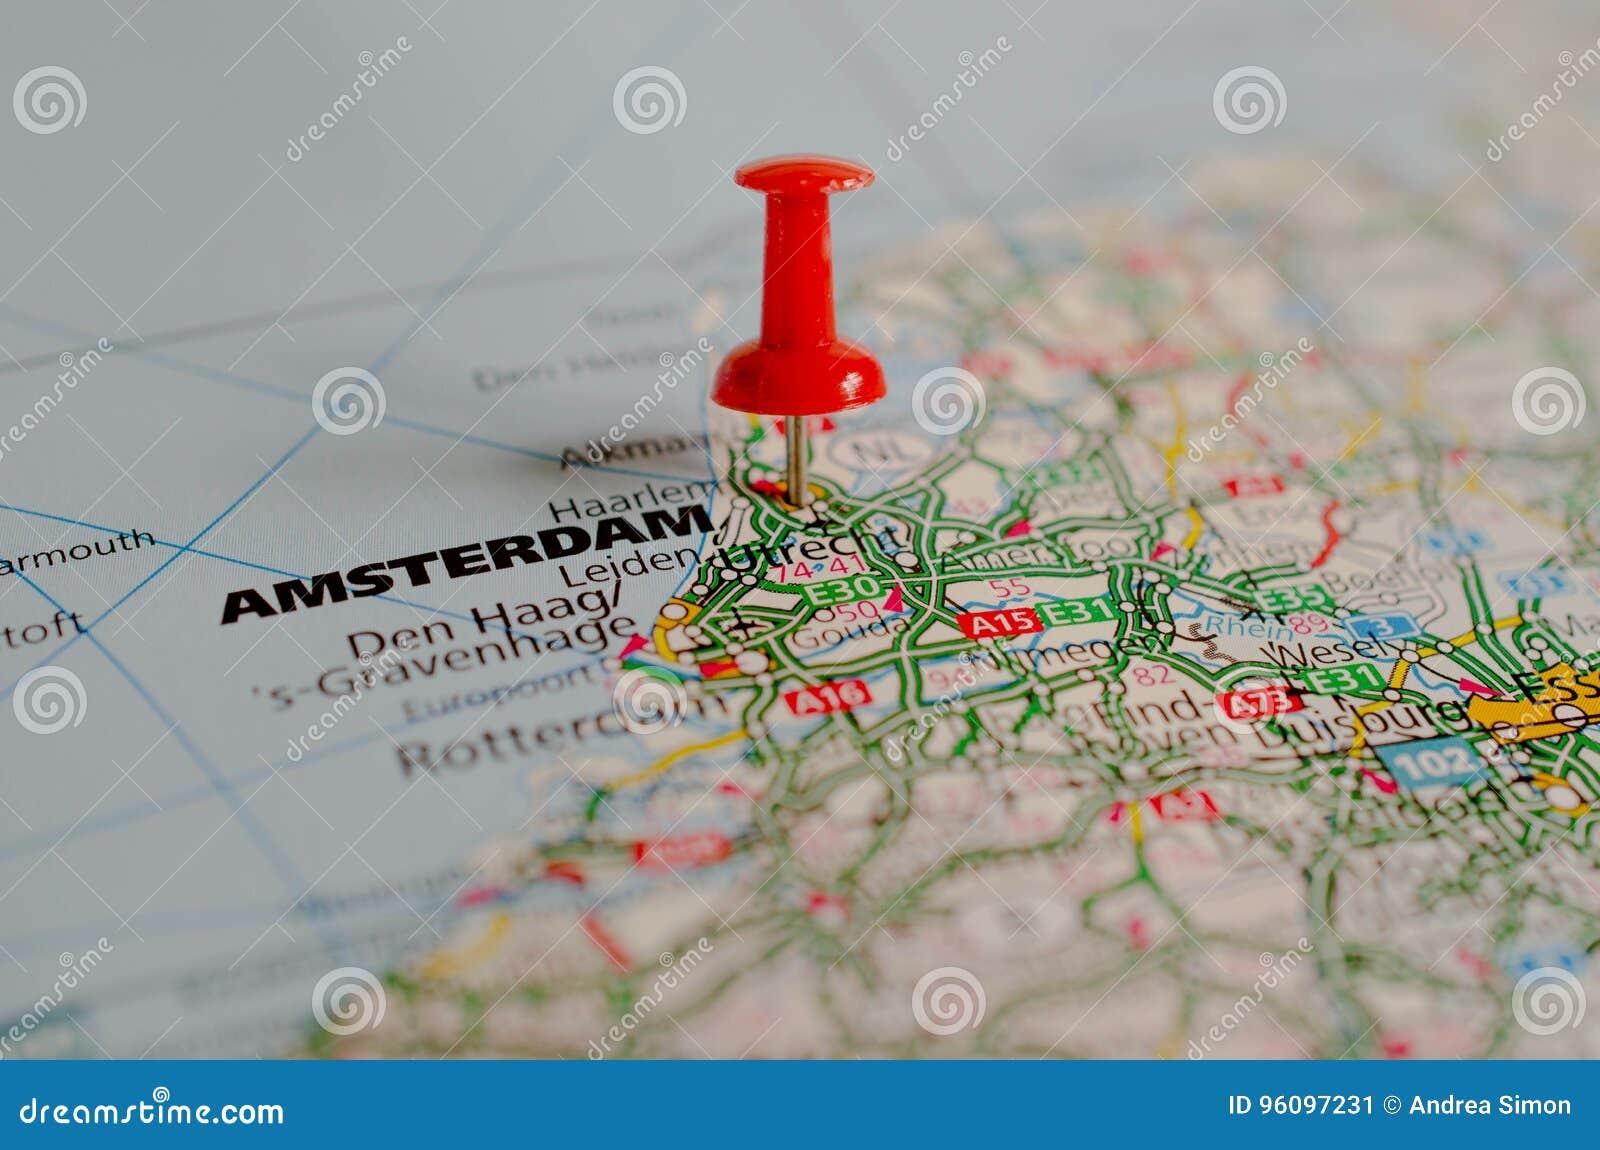 Άμστερνταμ στο χάρτη